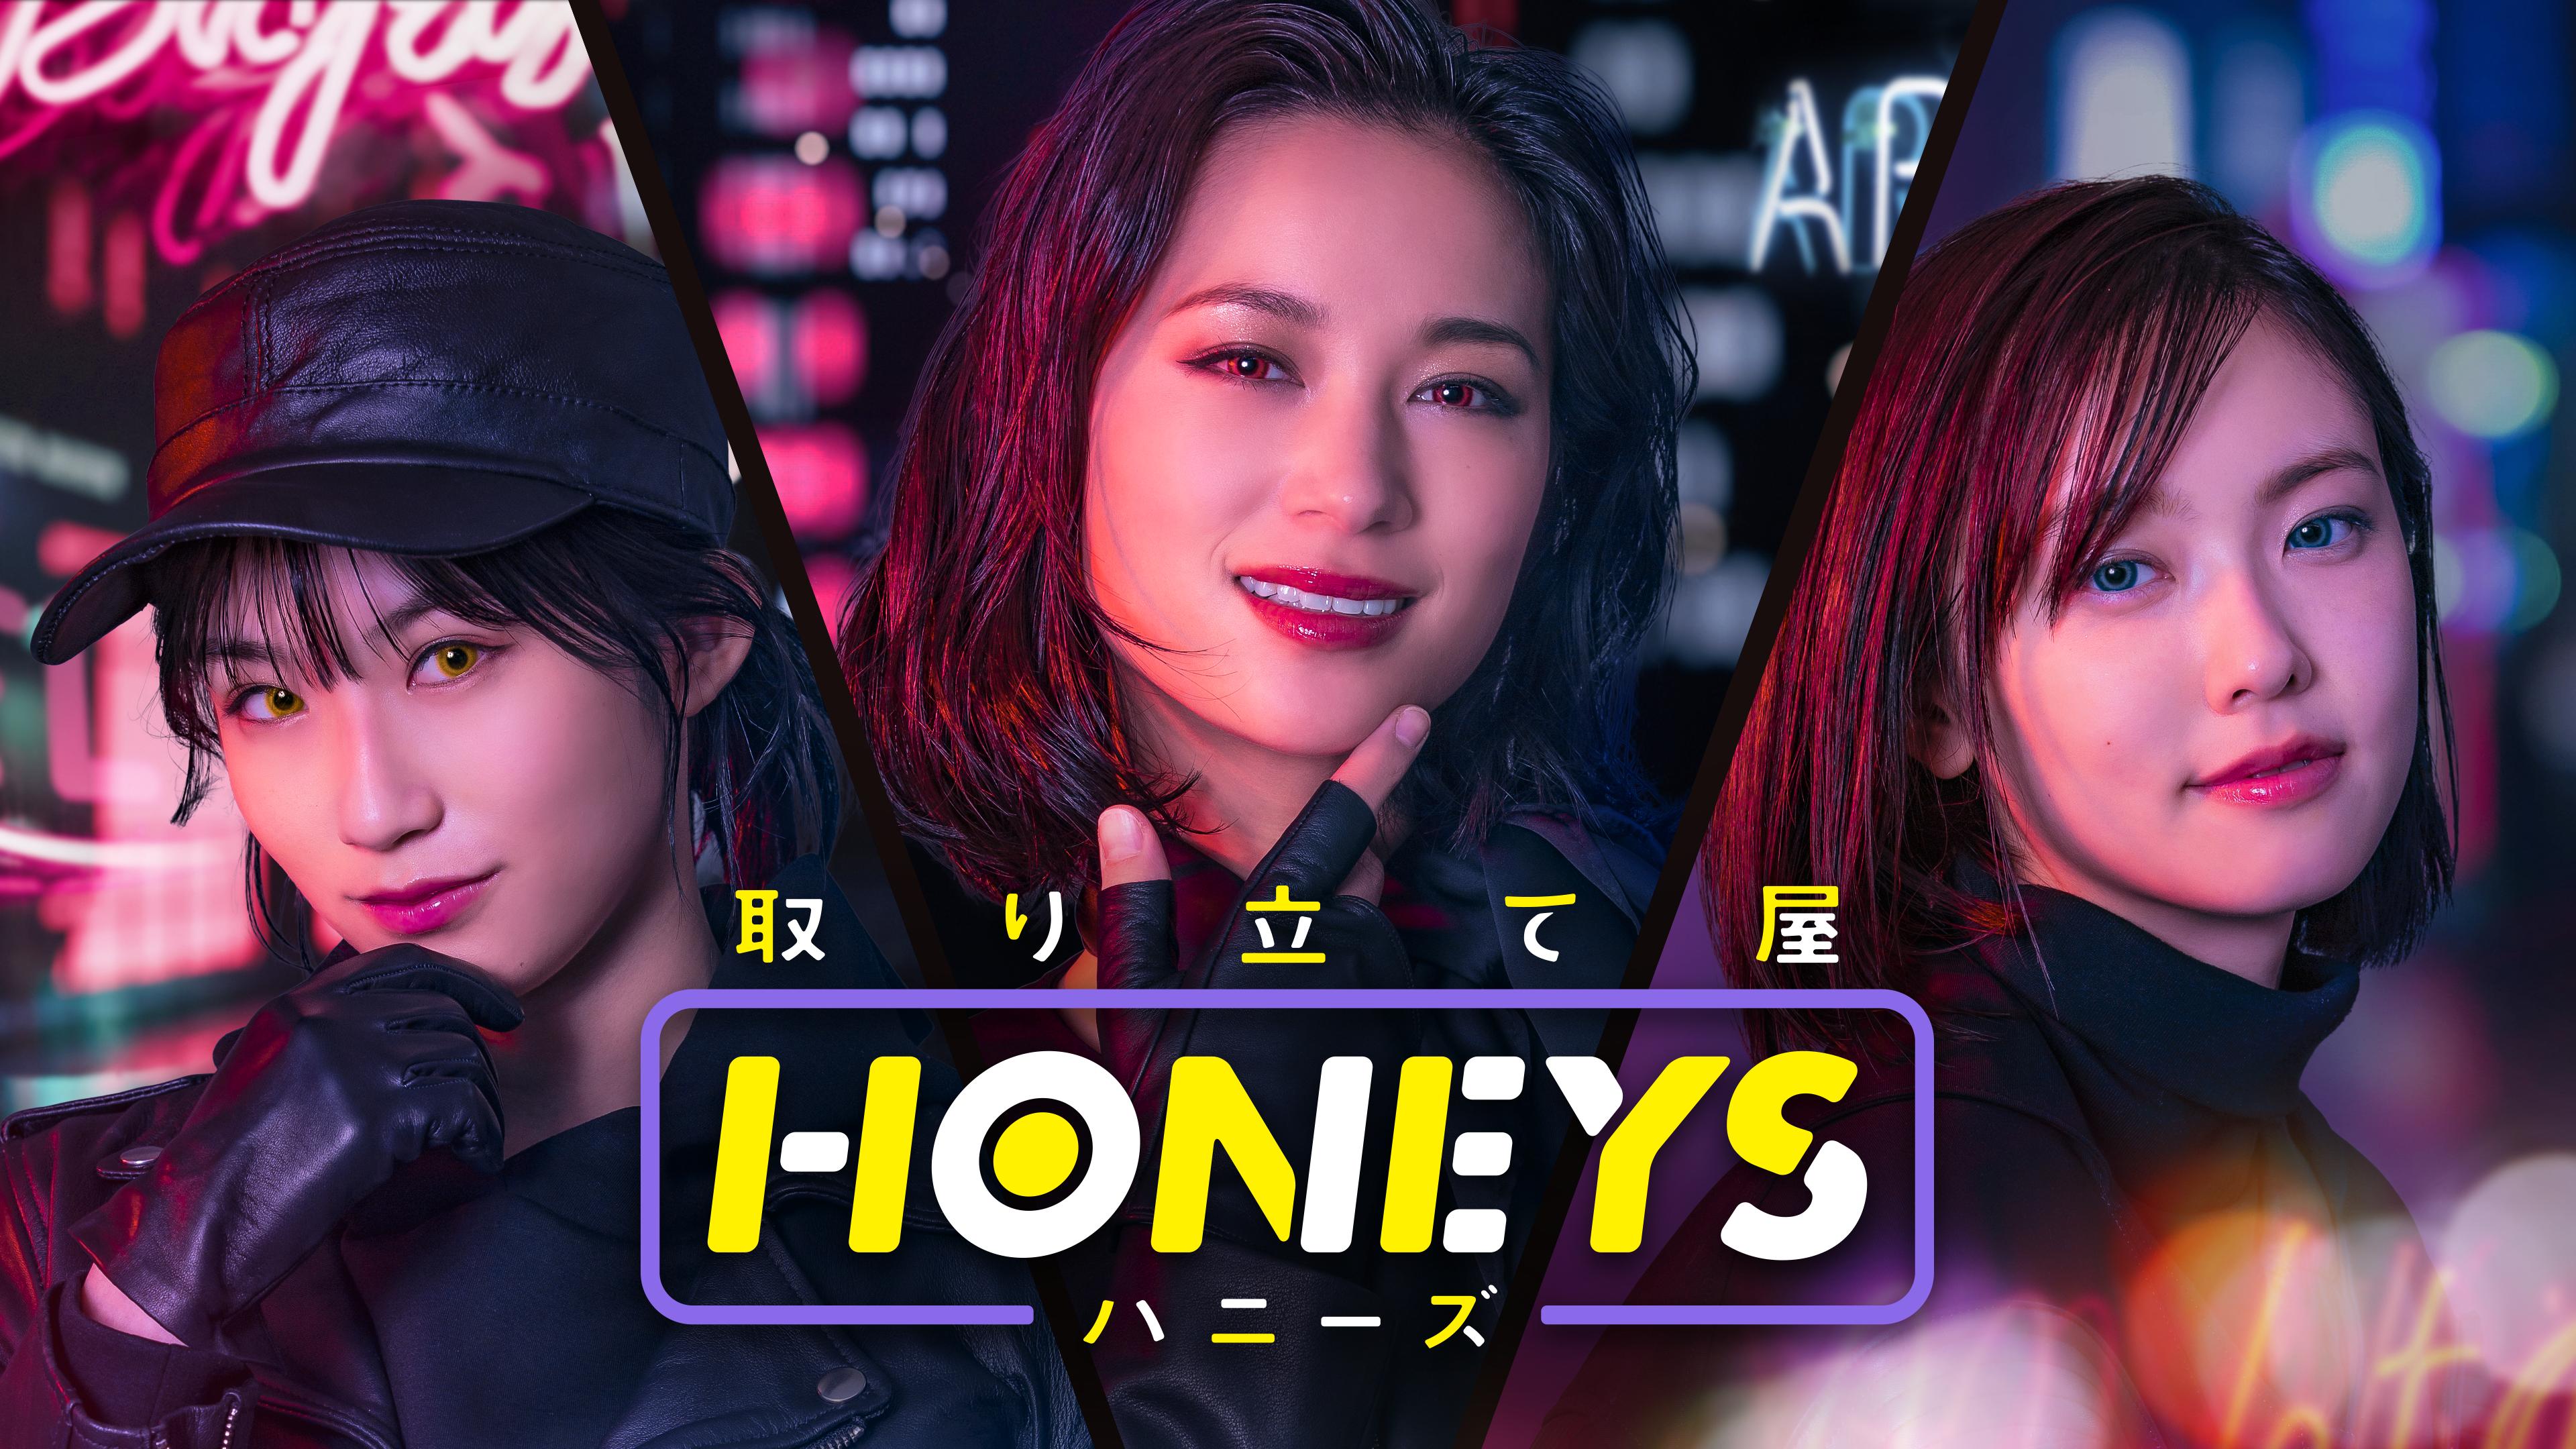 3月26日(金)「取り立て屋ハニーズ」配信スタート!